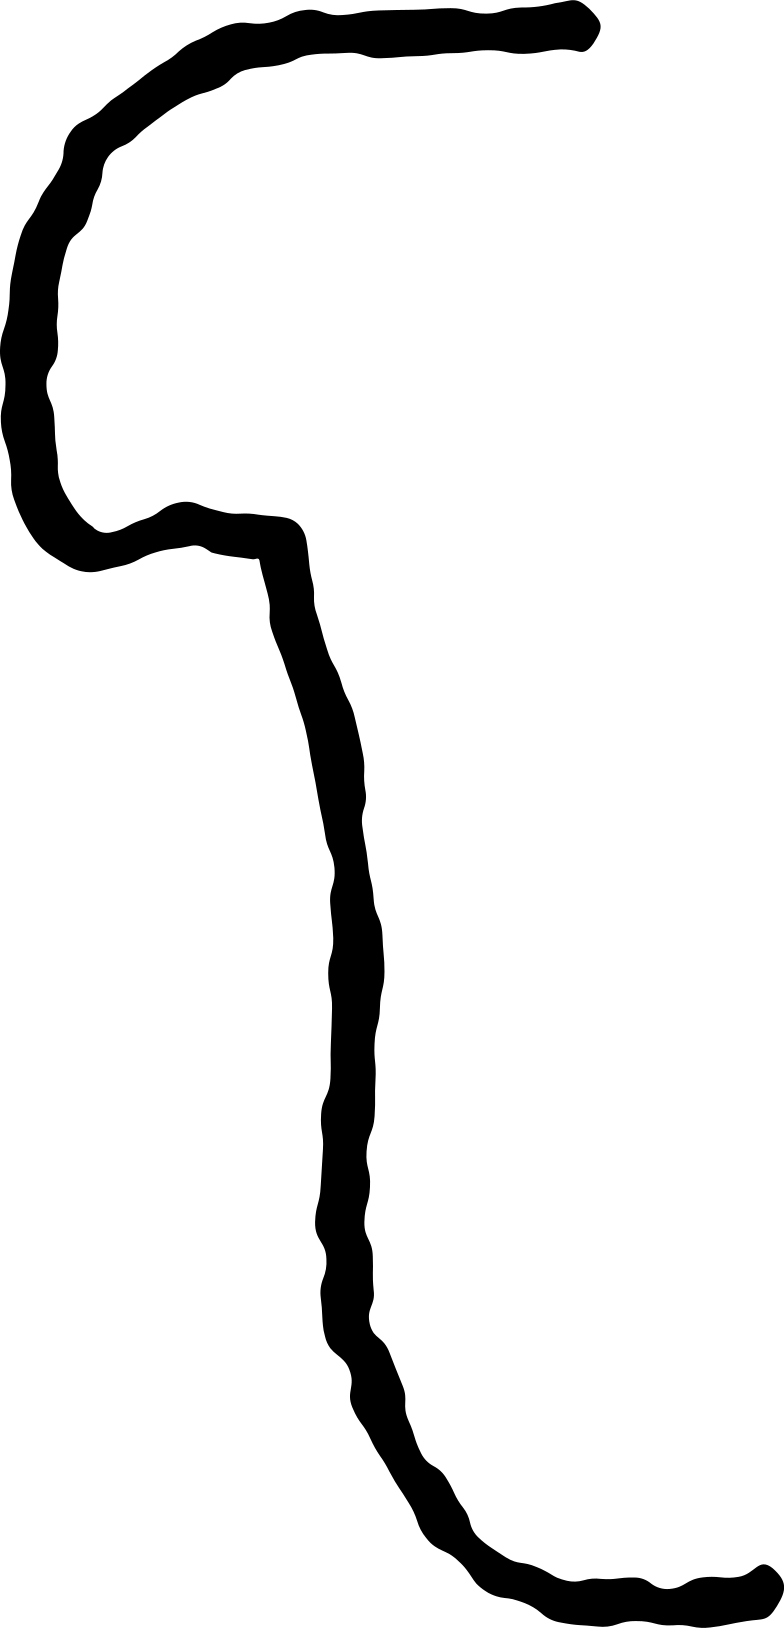 Иллюстрация строка тайм-аута запроса в стиле  в PNG и SVG | Icons8 Иллюстрации